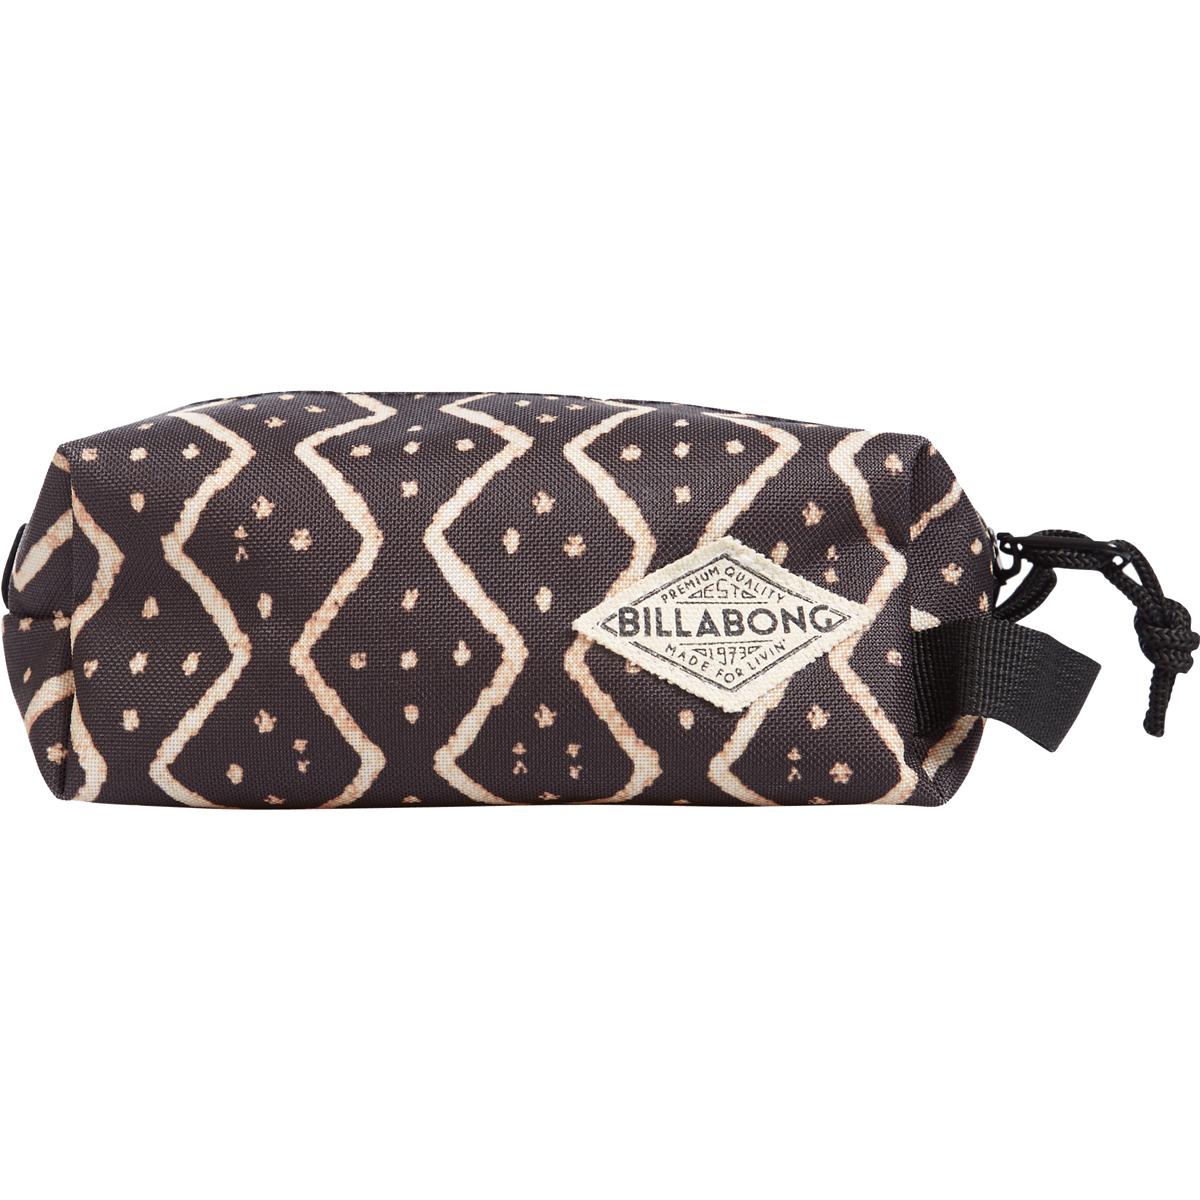 Сумка-пенал детская Billabong Laval, цвет: черный , 3 лZ9PE02Компактная сумка-пенал Billabong Laval - удобный аксессуар для косметики, различных мелочей, и, конечно, канцелярских принадлежностей. Пенал легко помещается в сумку или рюкзак. Имеются застежка на молнии и ремешок для переноски в руке. Материал - прочный полиэстер 600D.